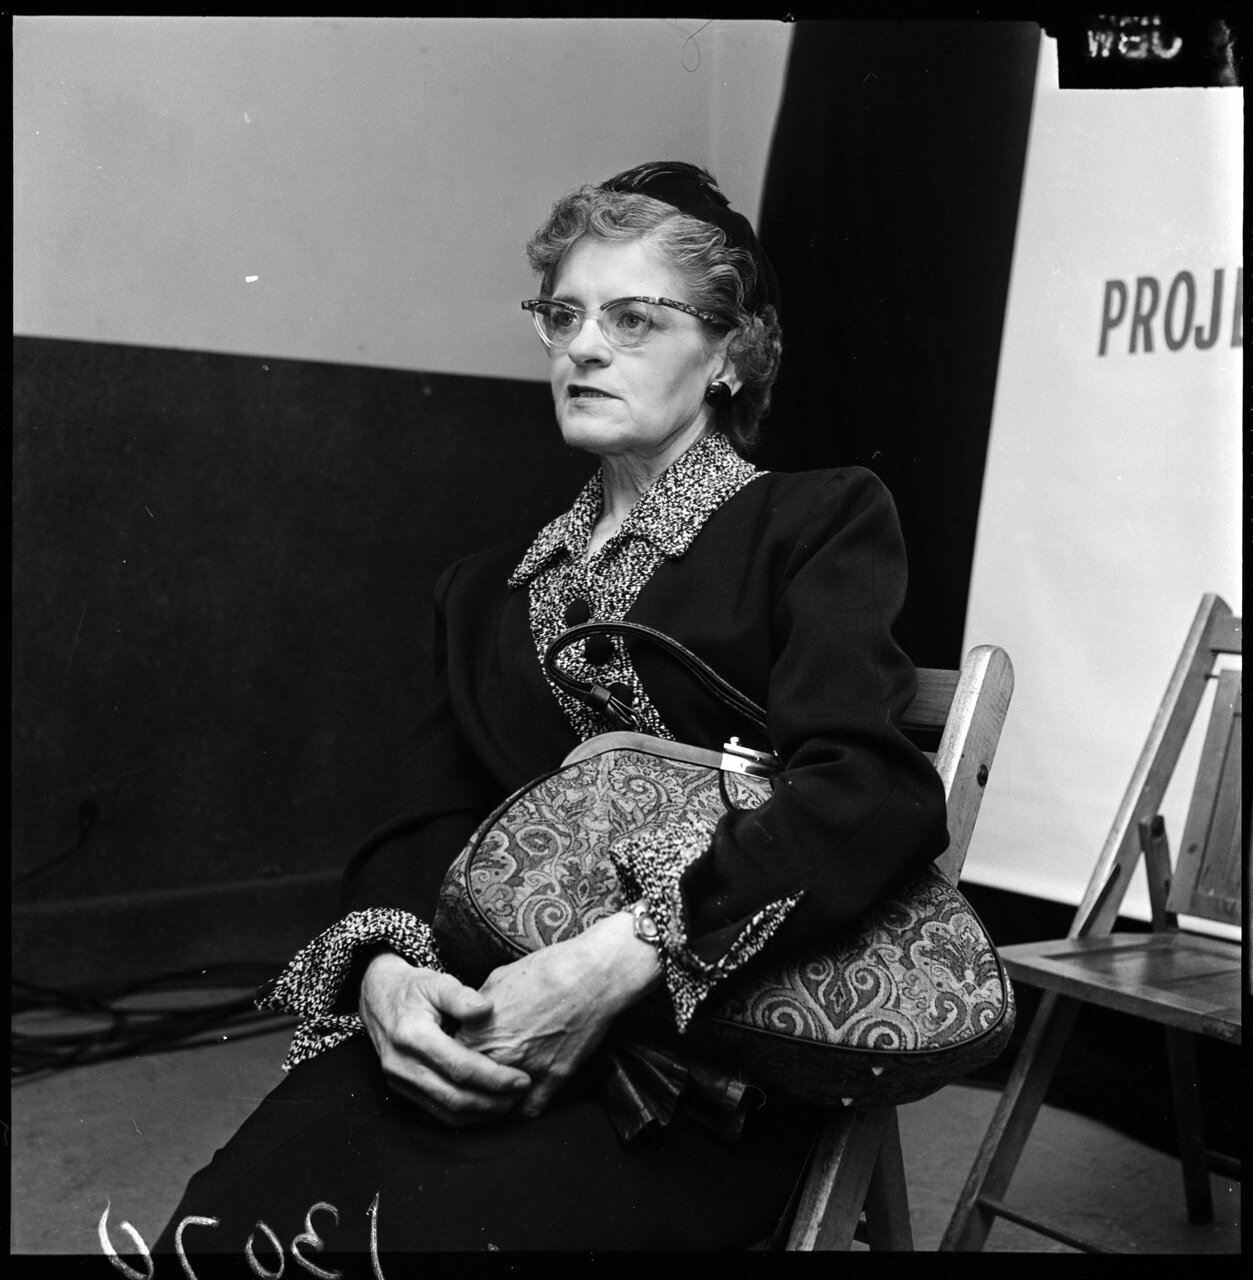 1961.13 декабря. Проект Тревога (антикоммунистическая конференция). Госпожа Барбара Хартл (бывший член компартии)